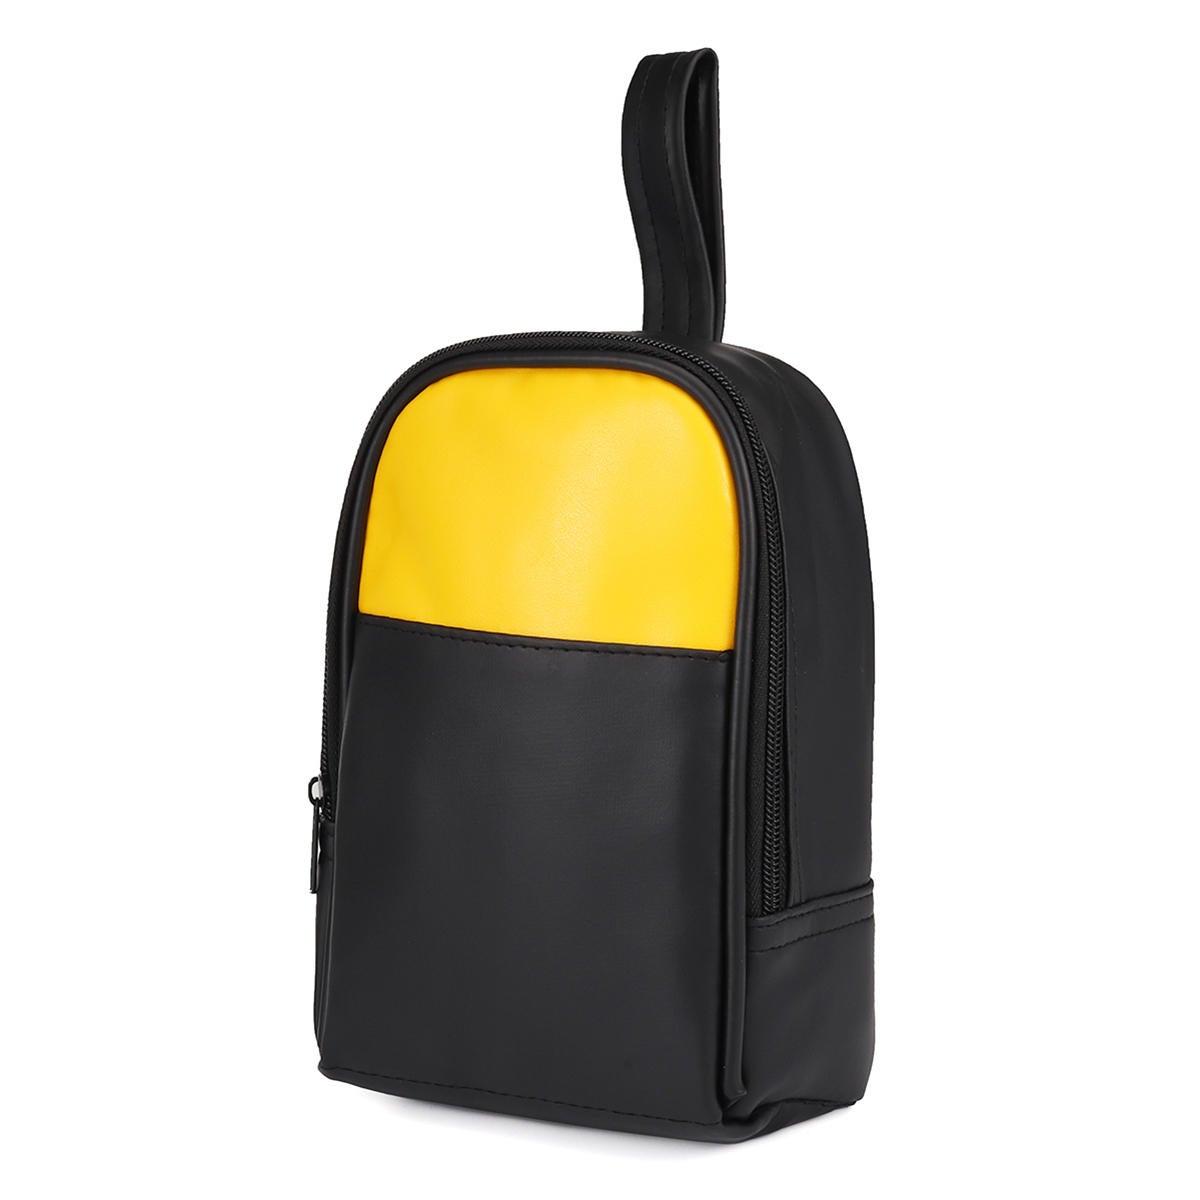 Multimeter Tool Carrying Case Bag Test Carrier Carrying Portable Tool Bag Soft for FLUKE